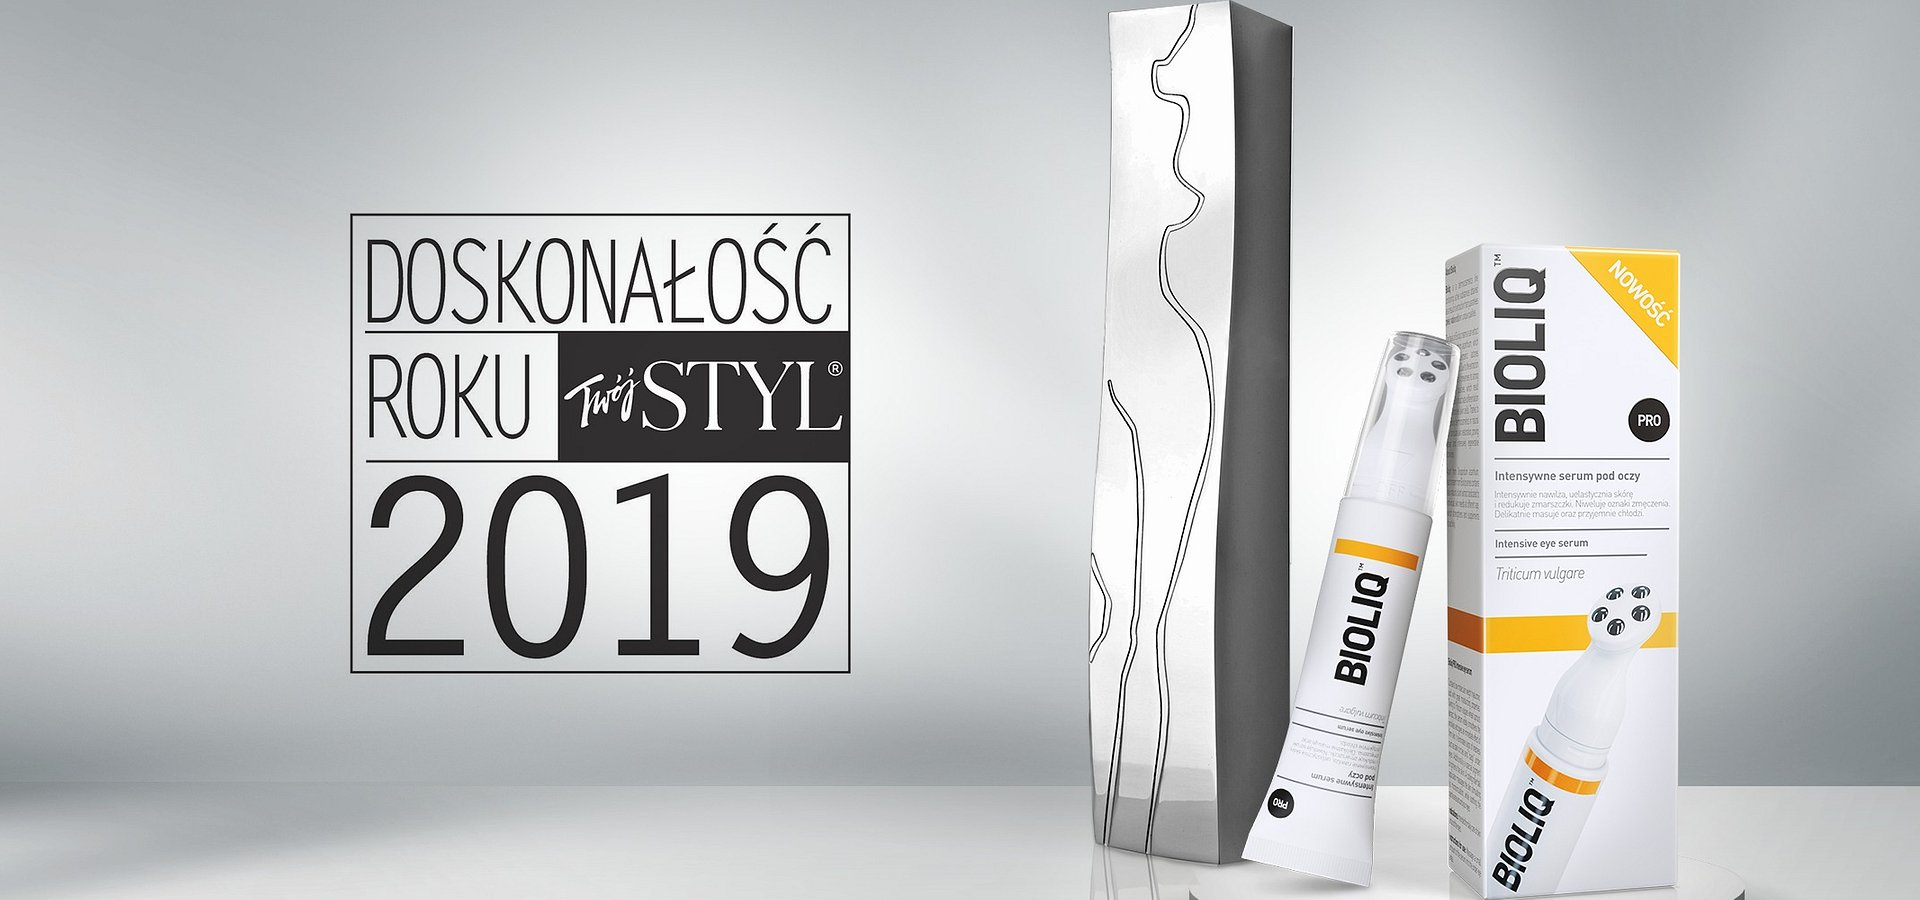 Marka Bioliq po raz trzeci zdobywa tytuł Doskonałości Roku Twojego Stylu